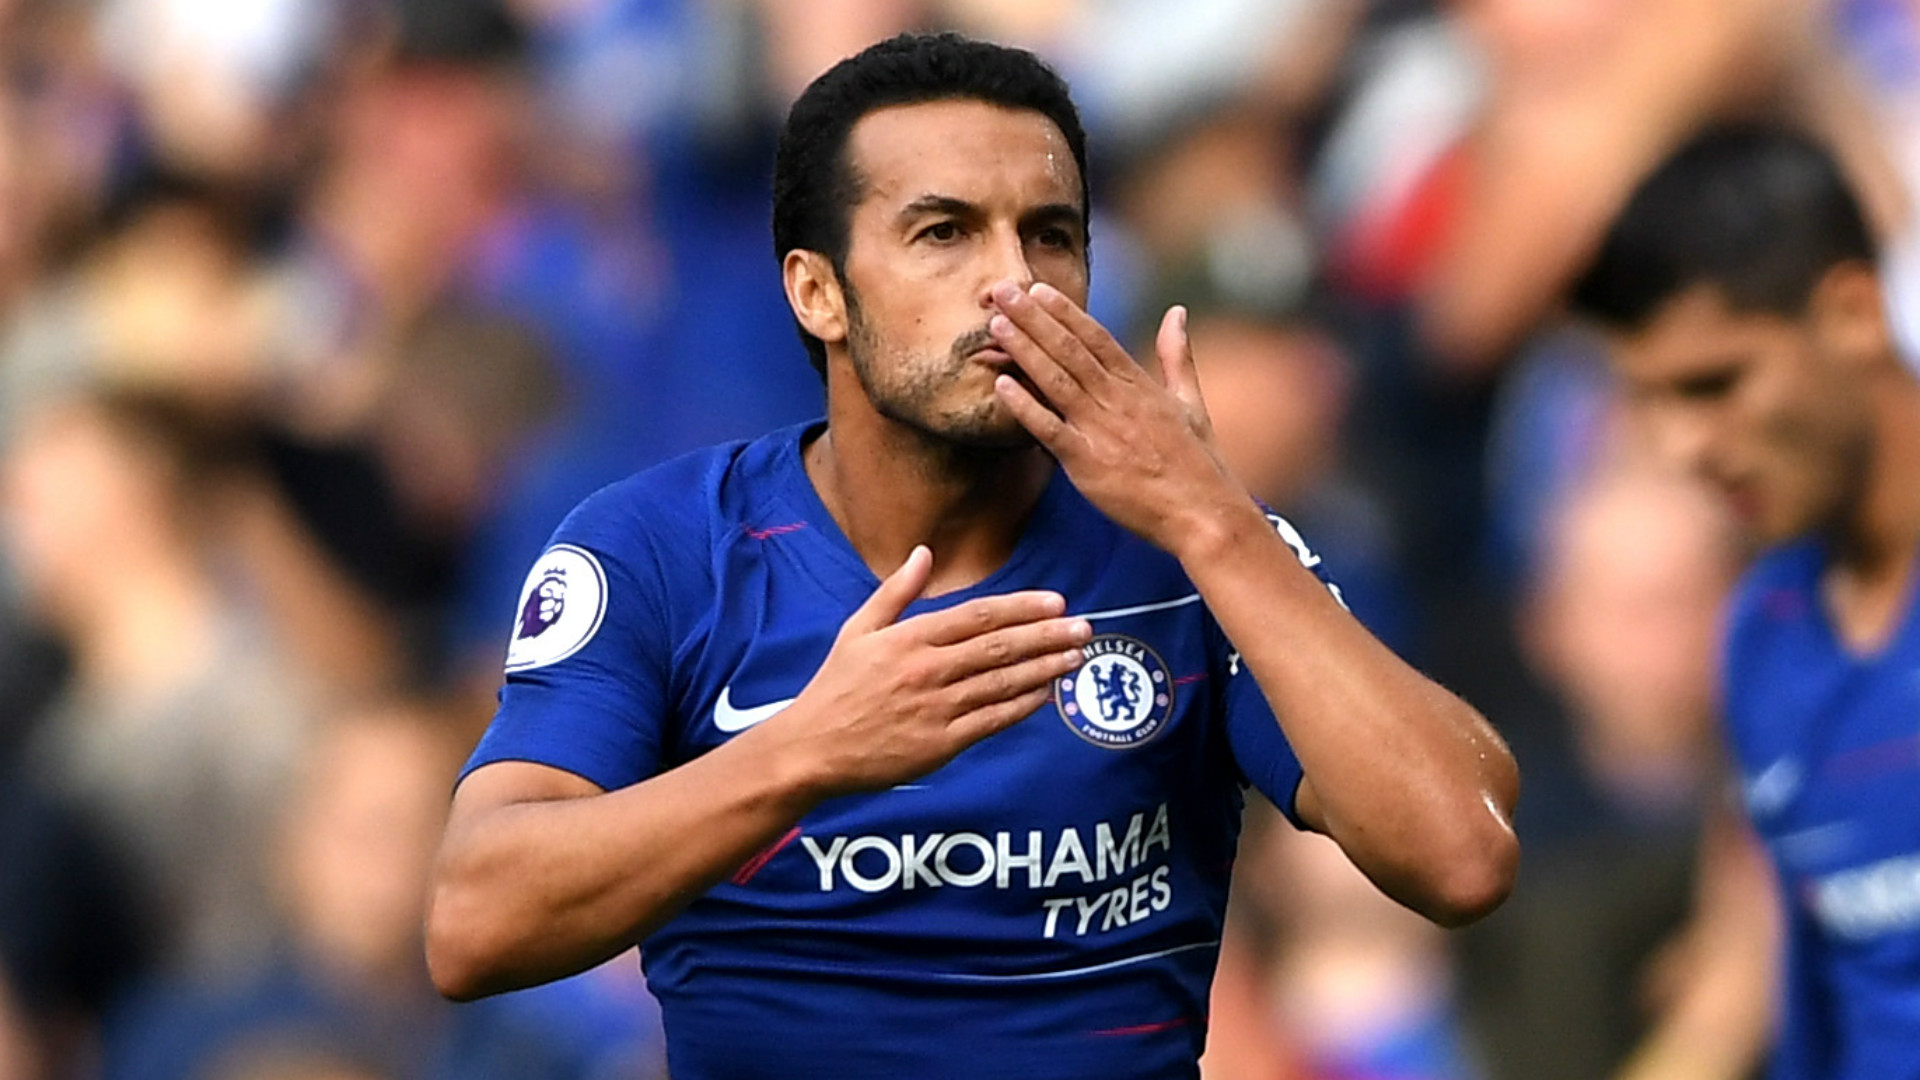 Pedro Chelsea 2018-19